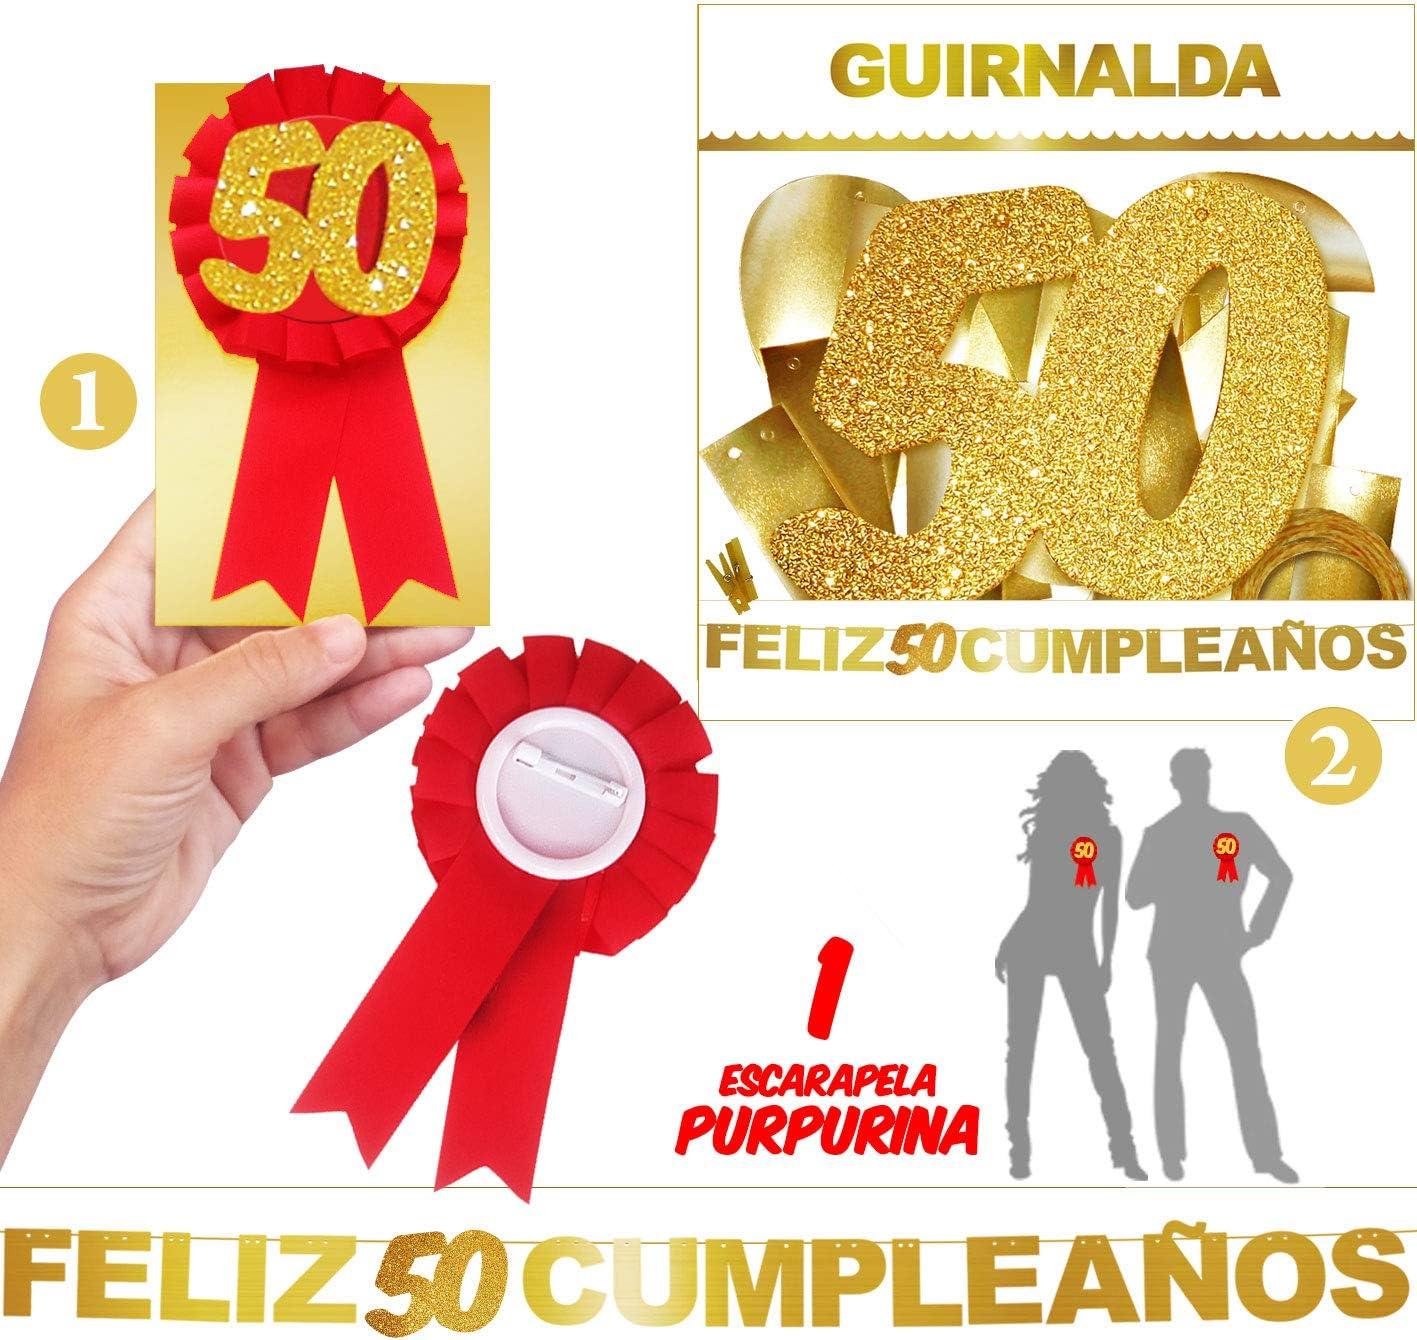 Inedit Festa - 50 Cumpleaños Escarapela Honorífica y Guirnalda ...